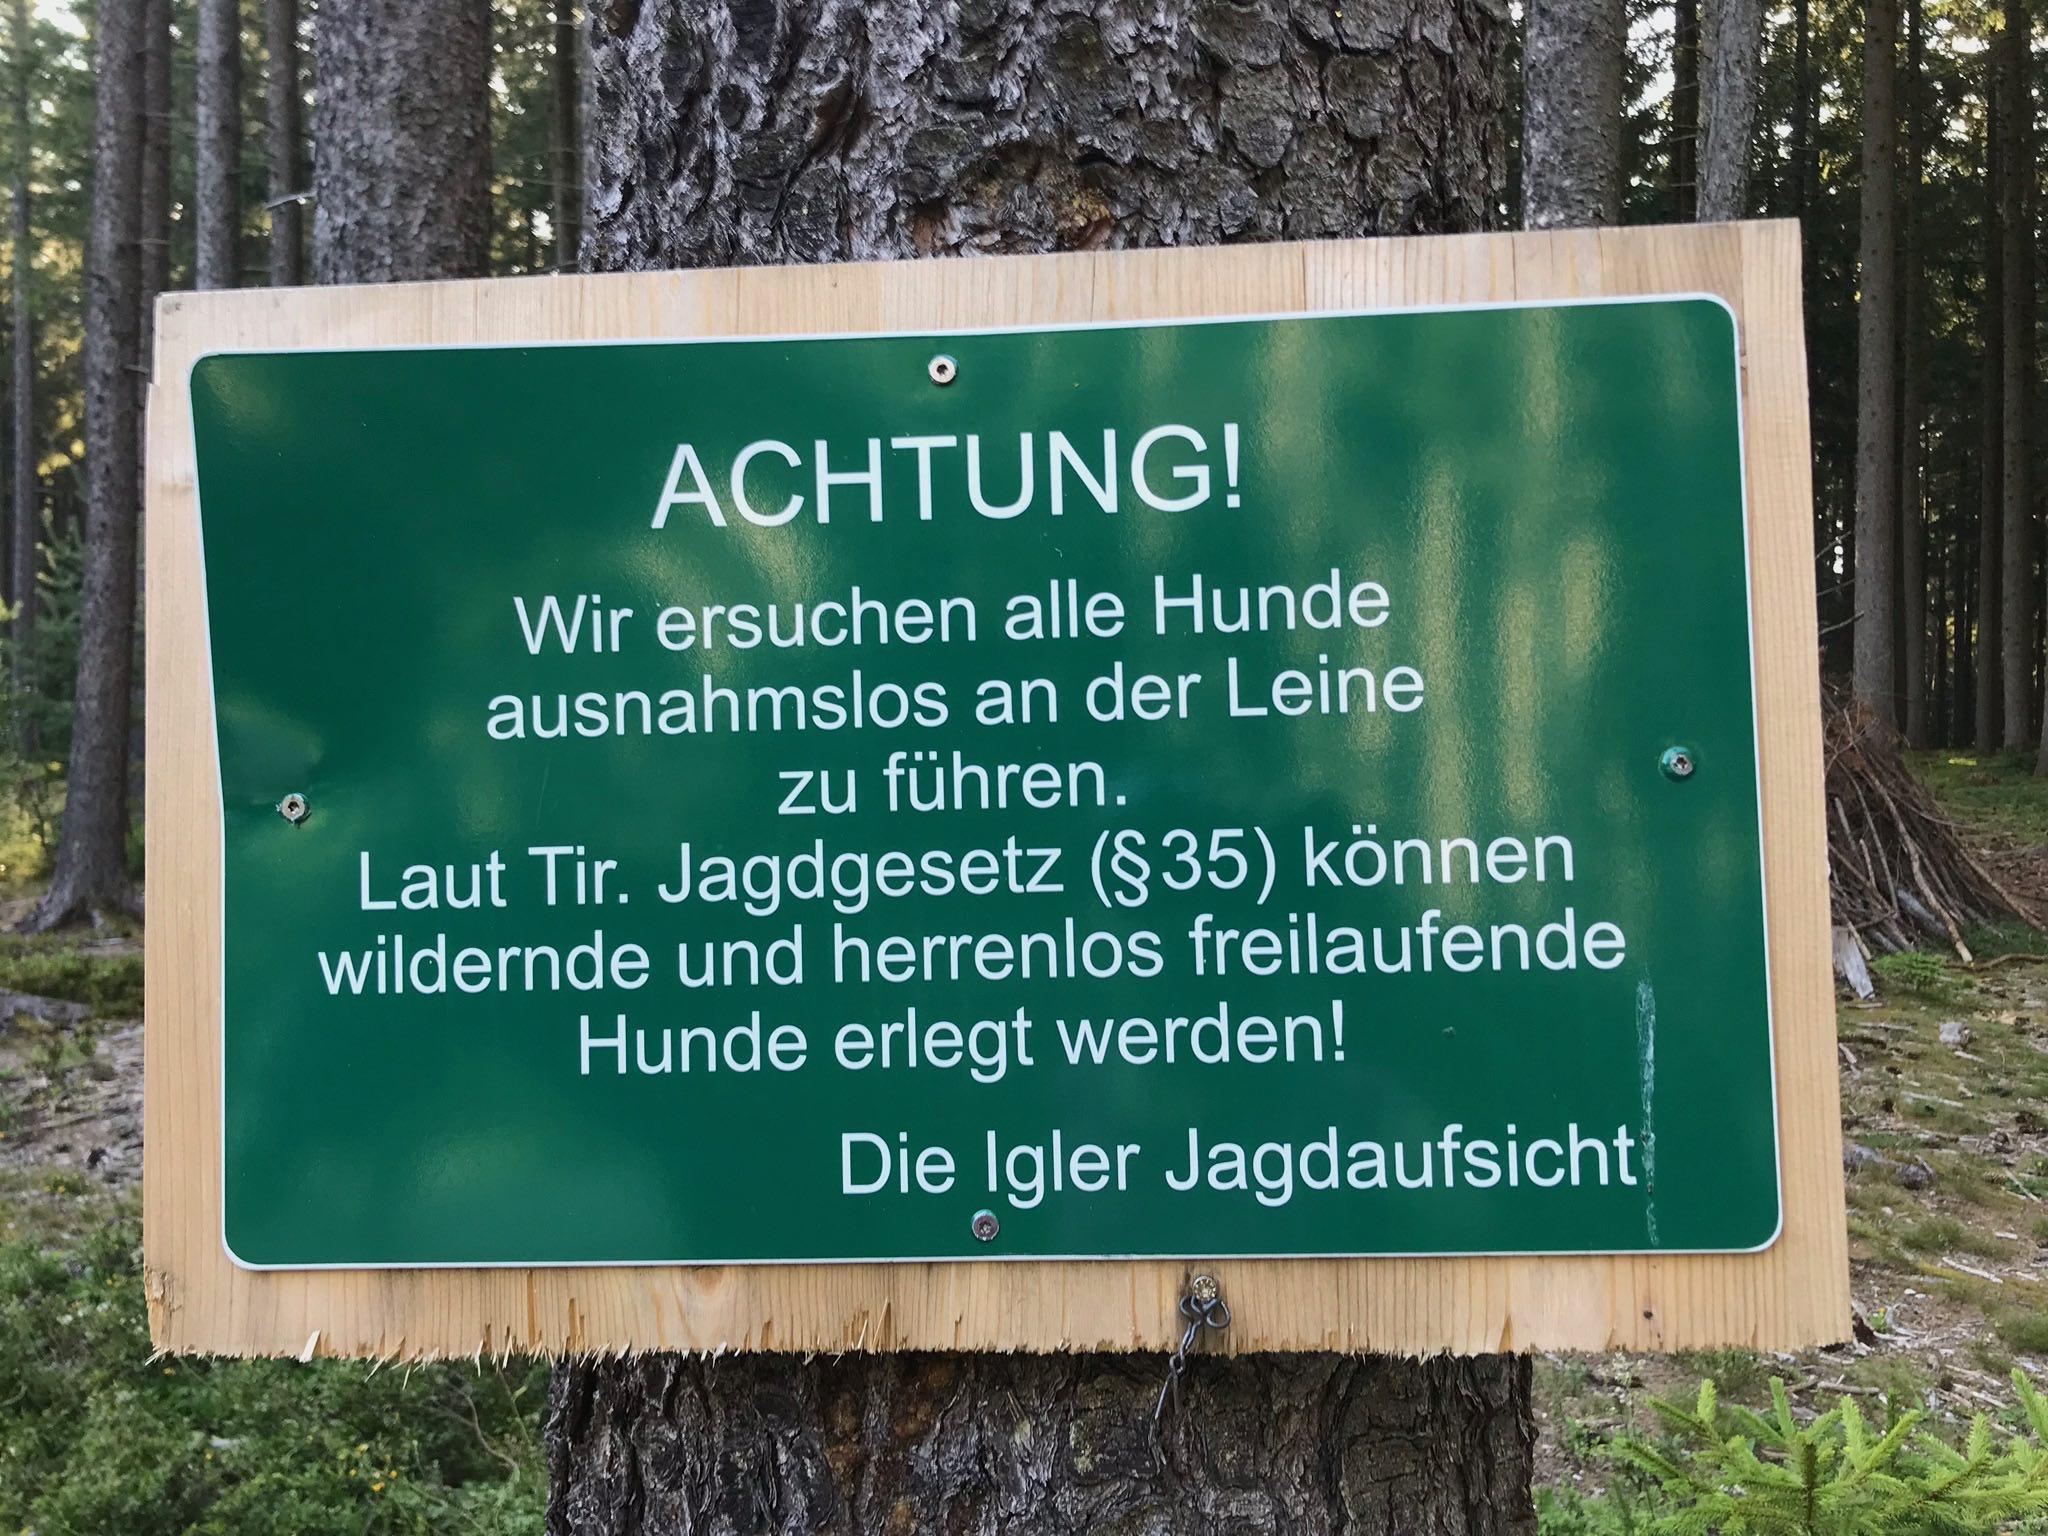 Freilaufende Hunde dürfen gemäß Jagdgesetz vom Jäger unter bestimmten Umständen erschossen werden. © Christina Schwann I bergundsteigen.blog